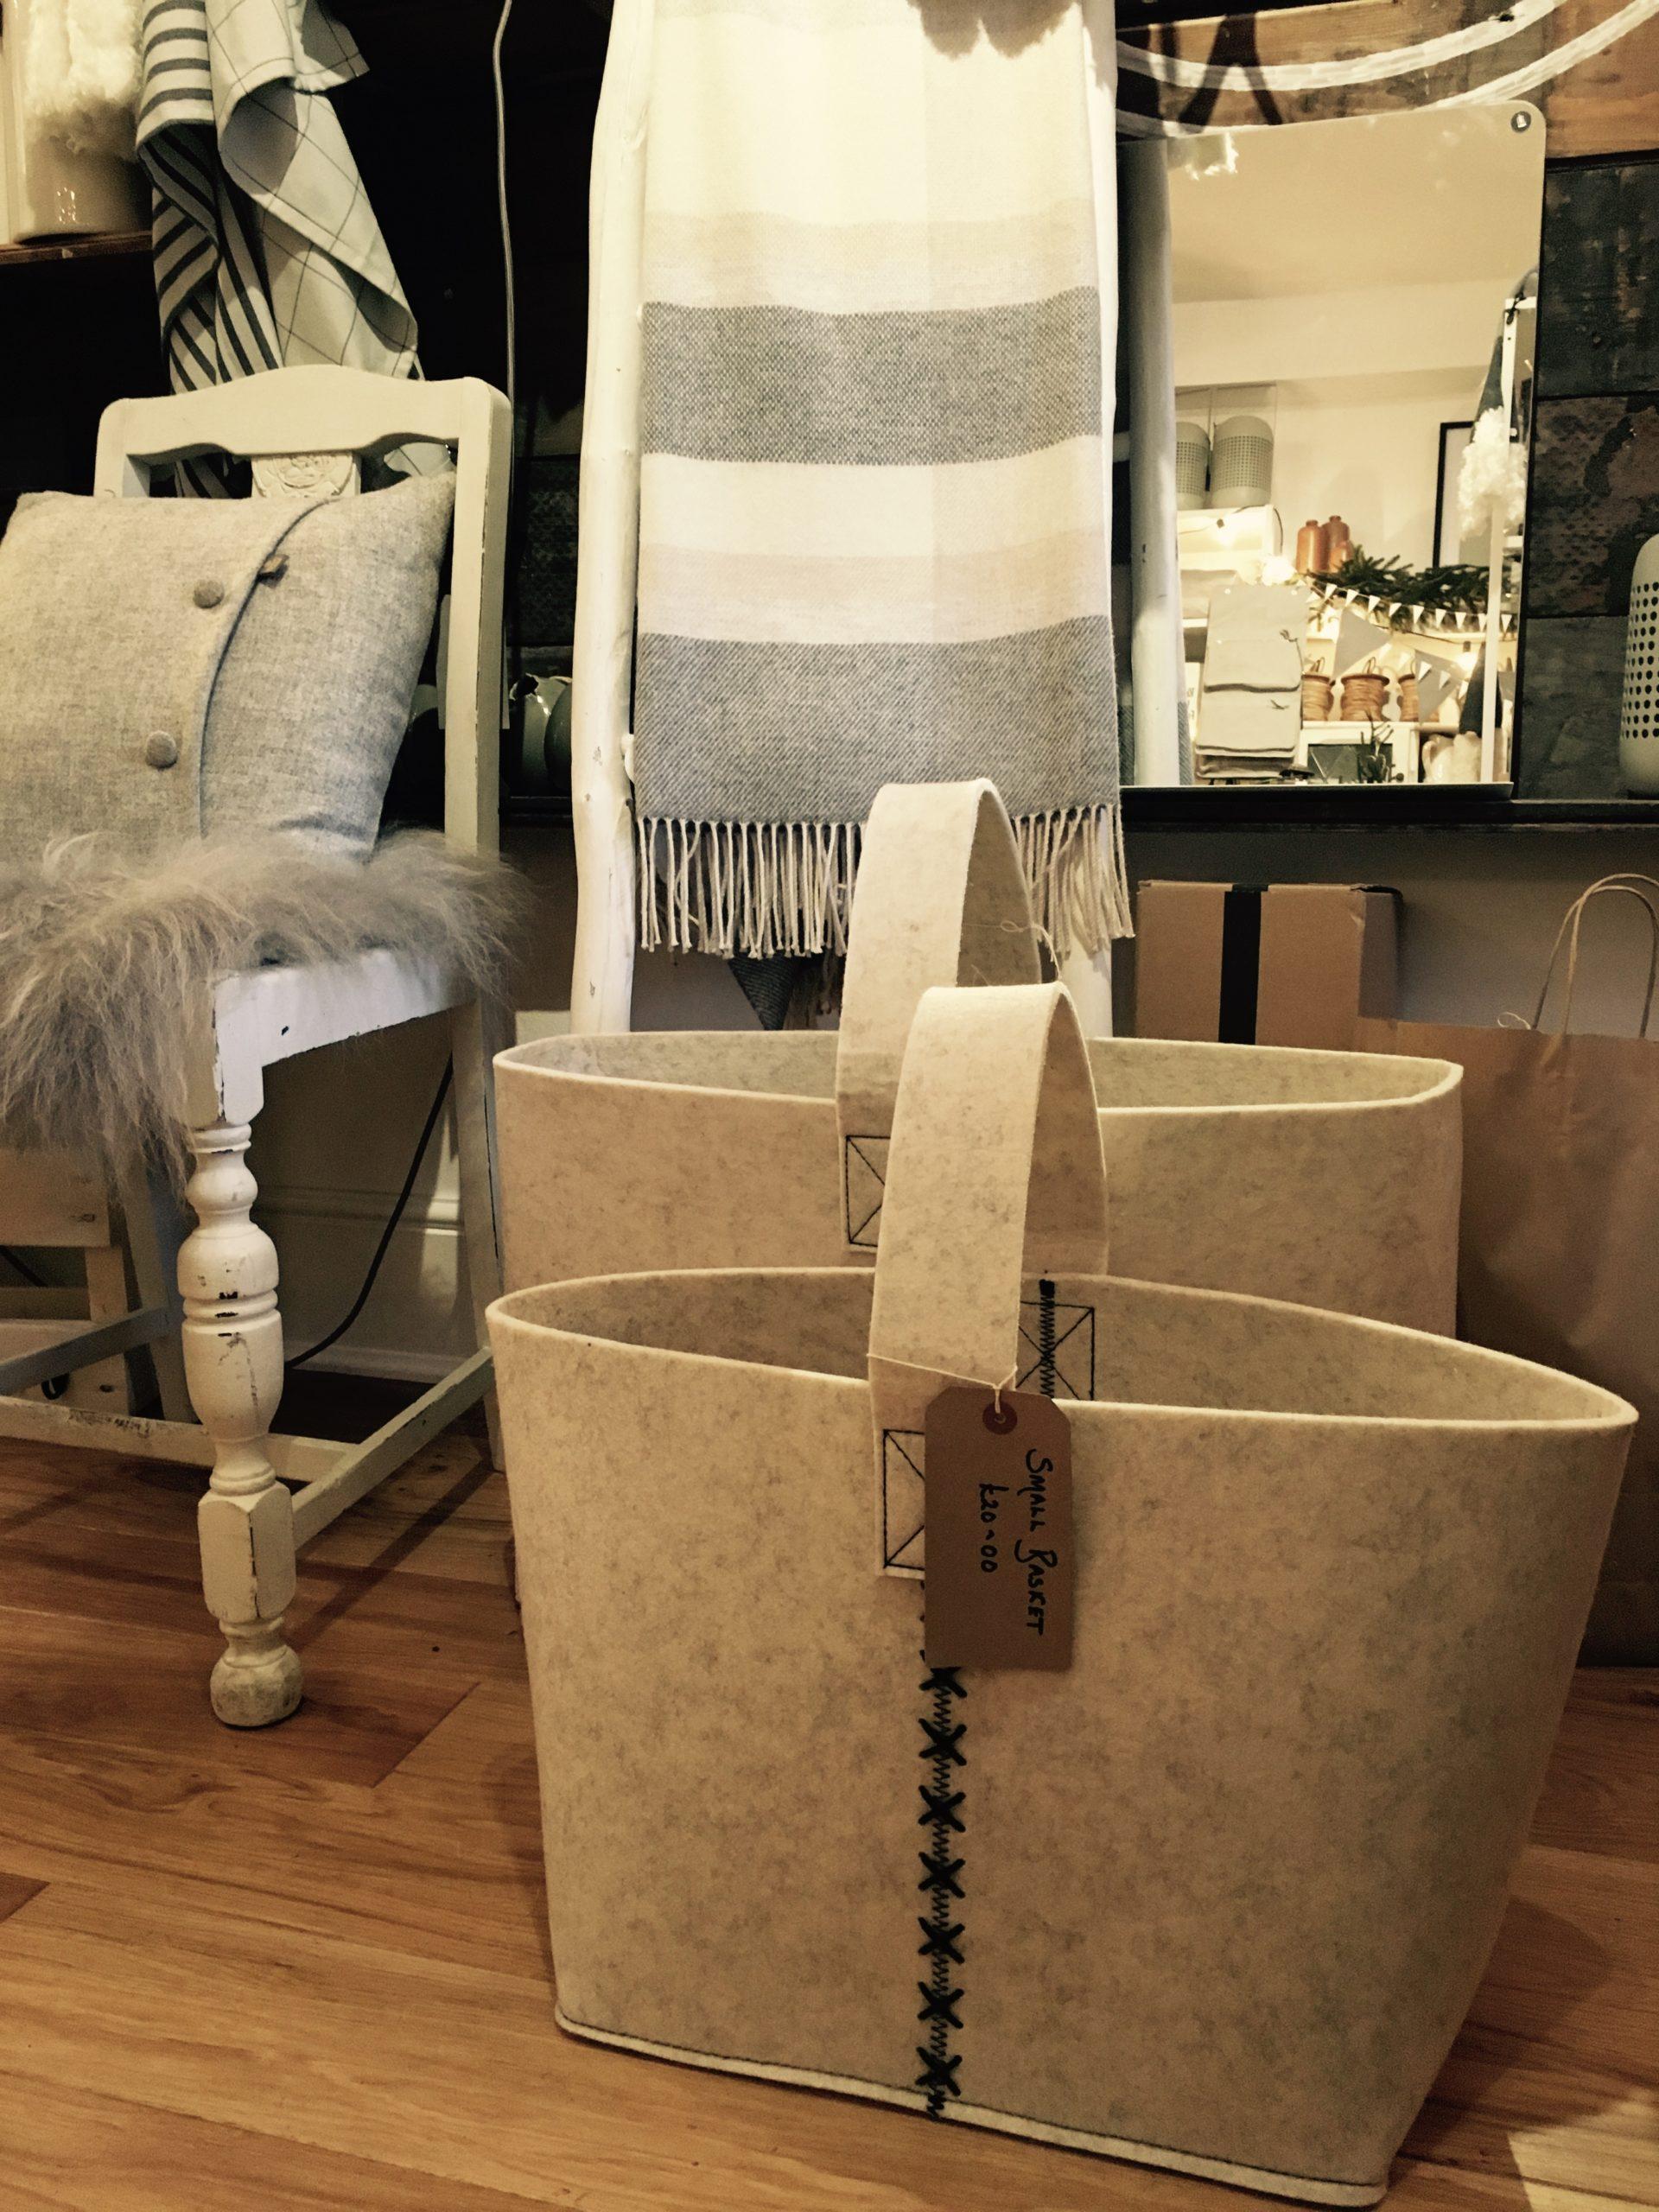 Felt baskets from Scandinavian interiors retailer MI Abode